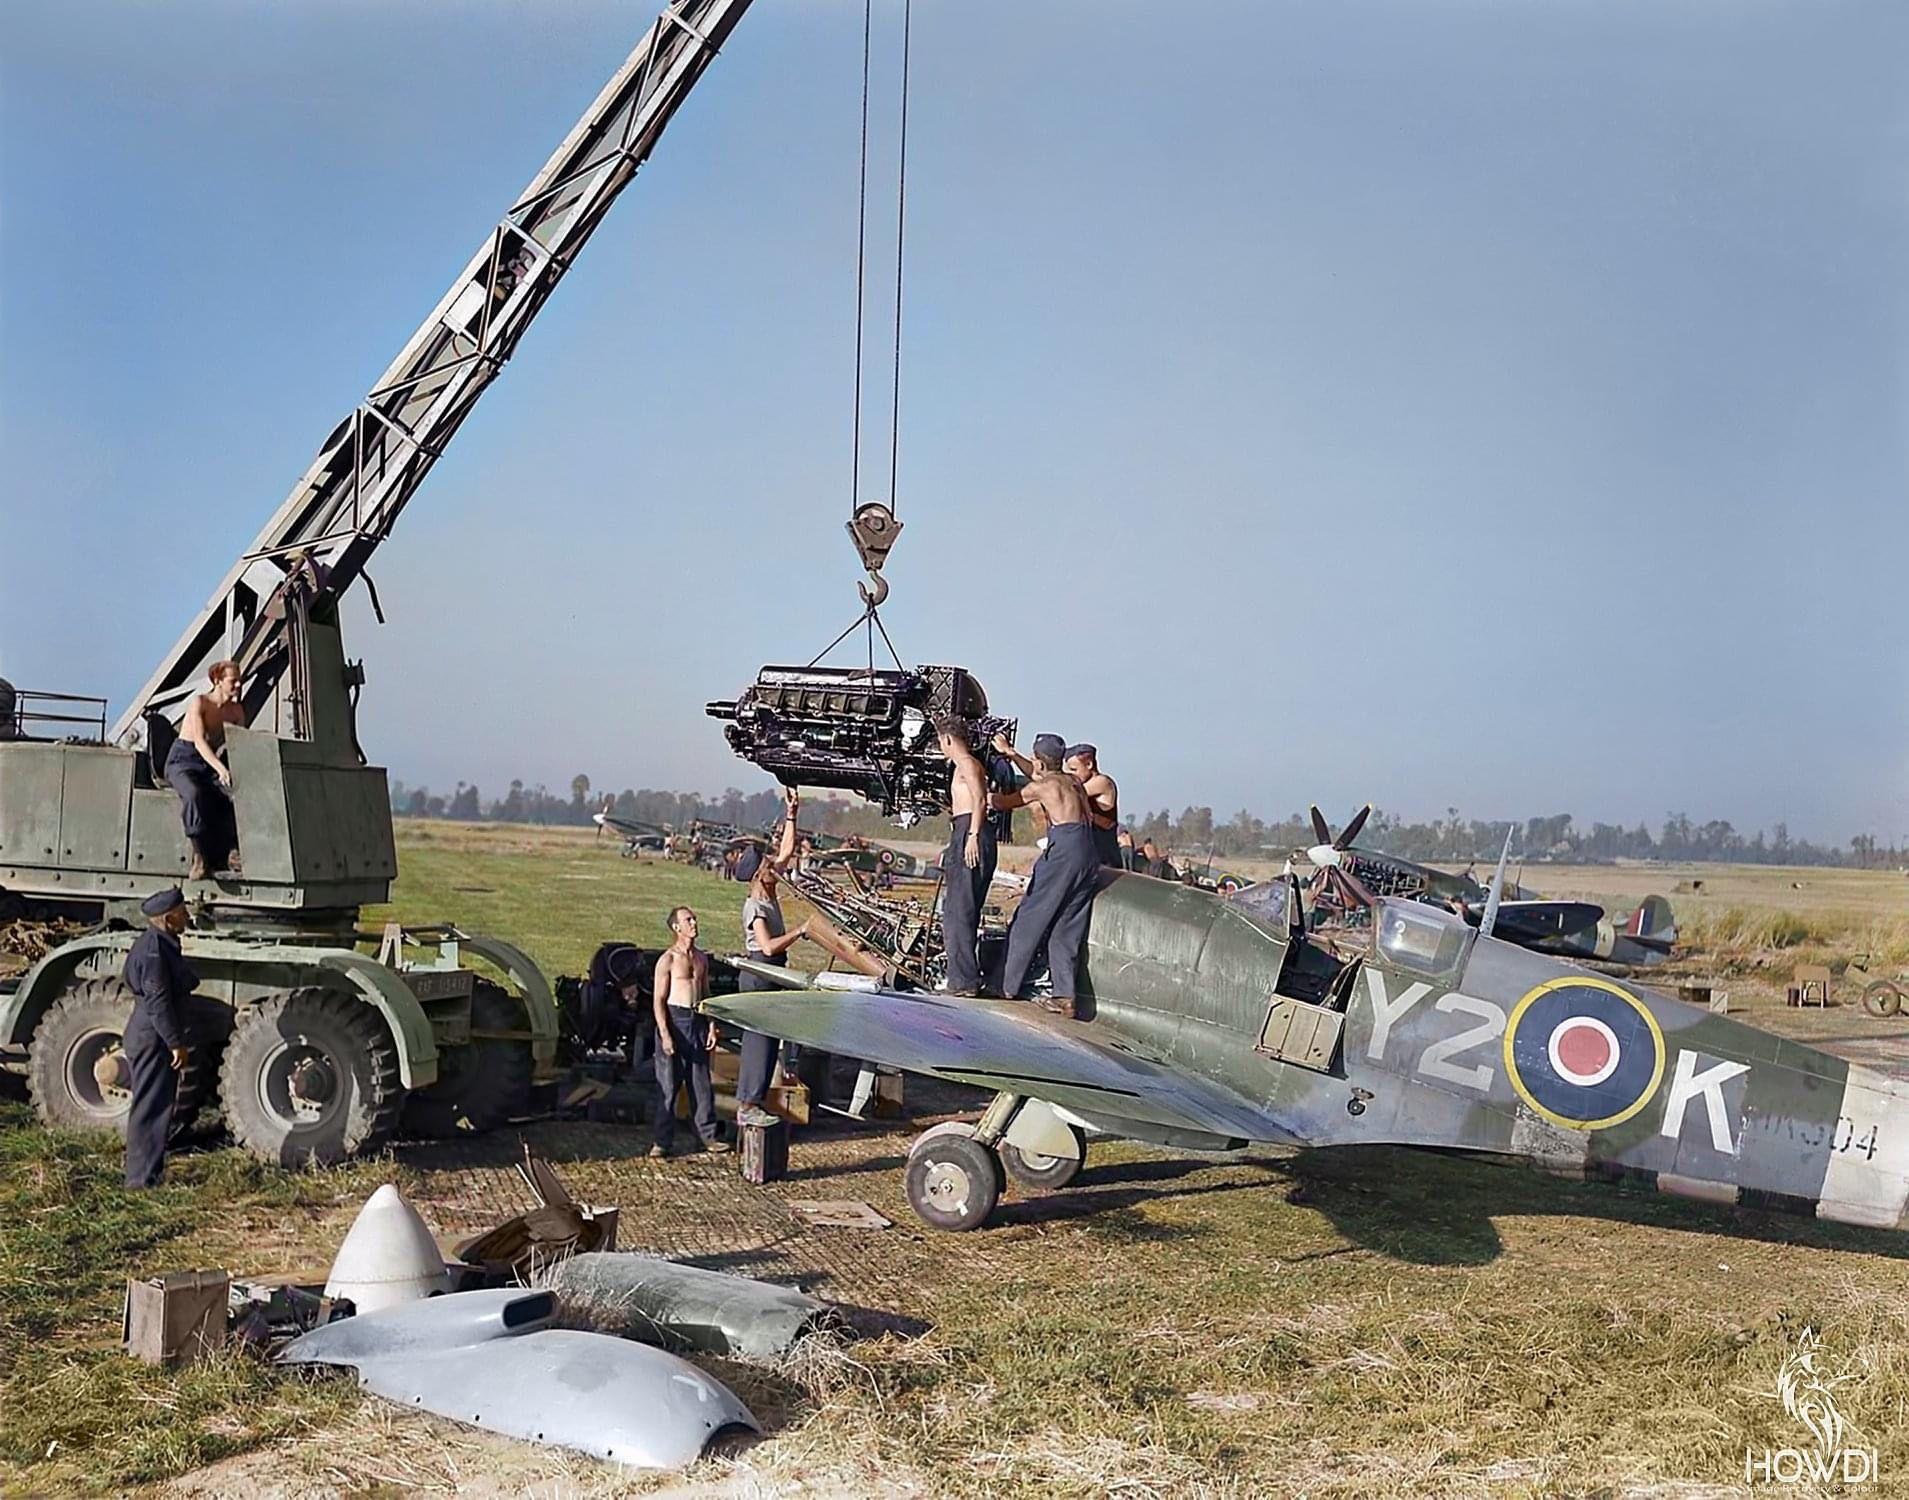 Epingle Par Edward Sur Spitfire Armee De L Air Aeronef Seconde Guerre Mondiale